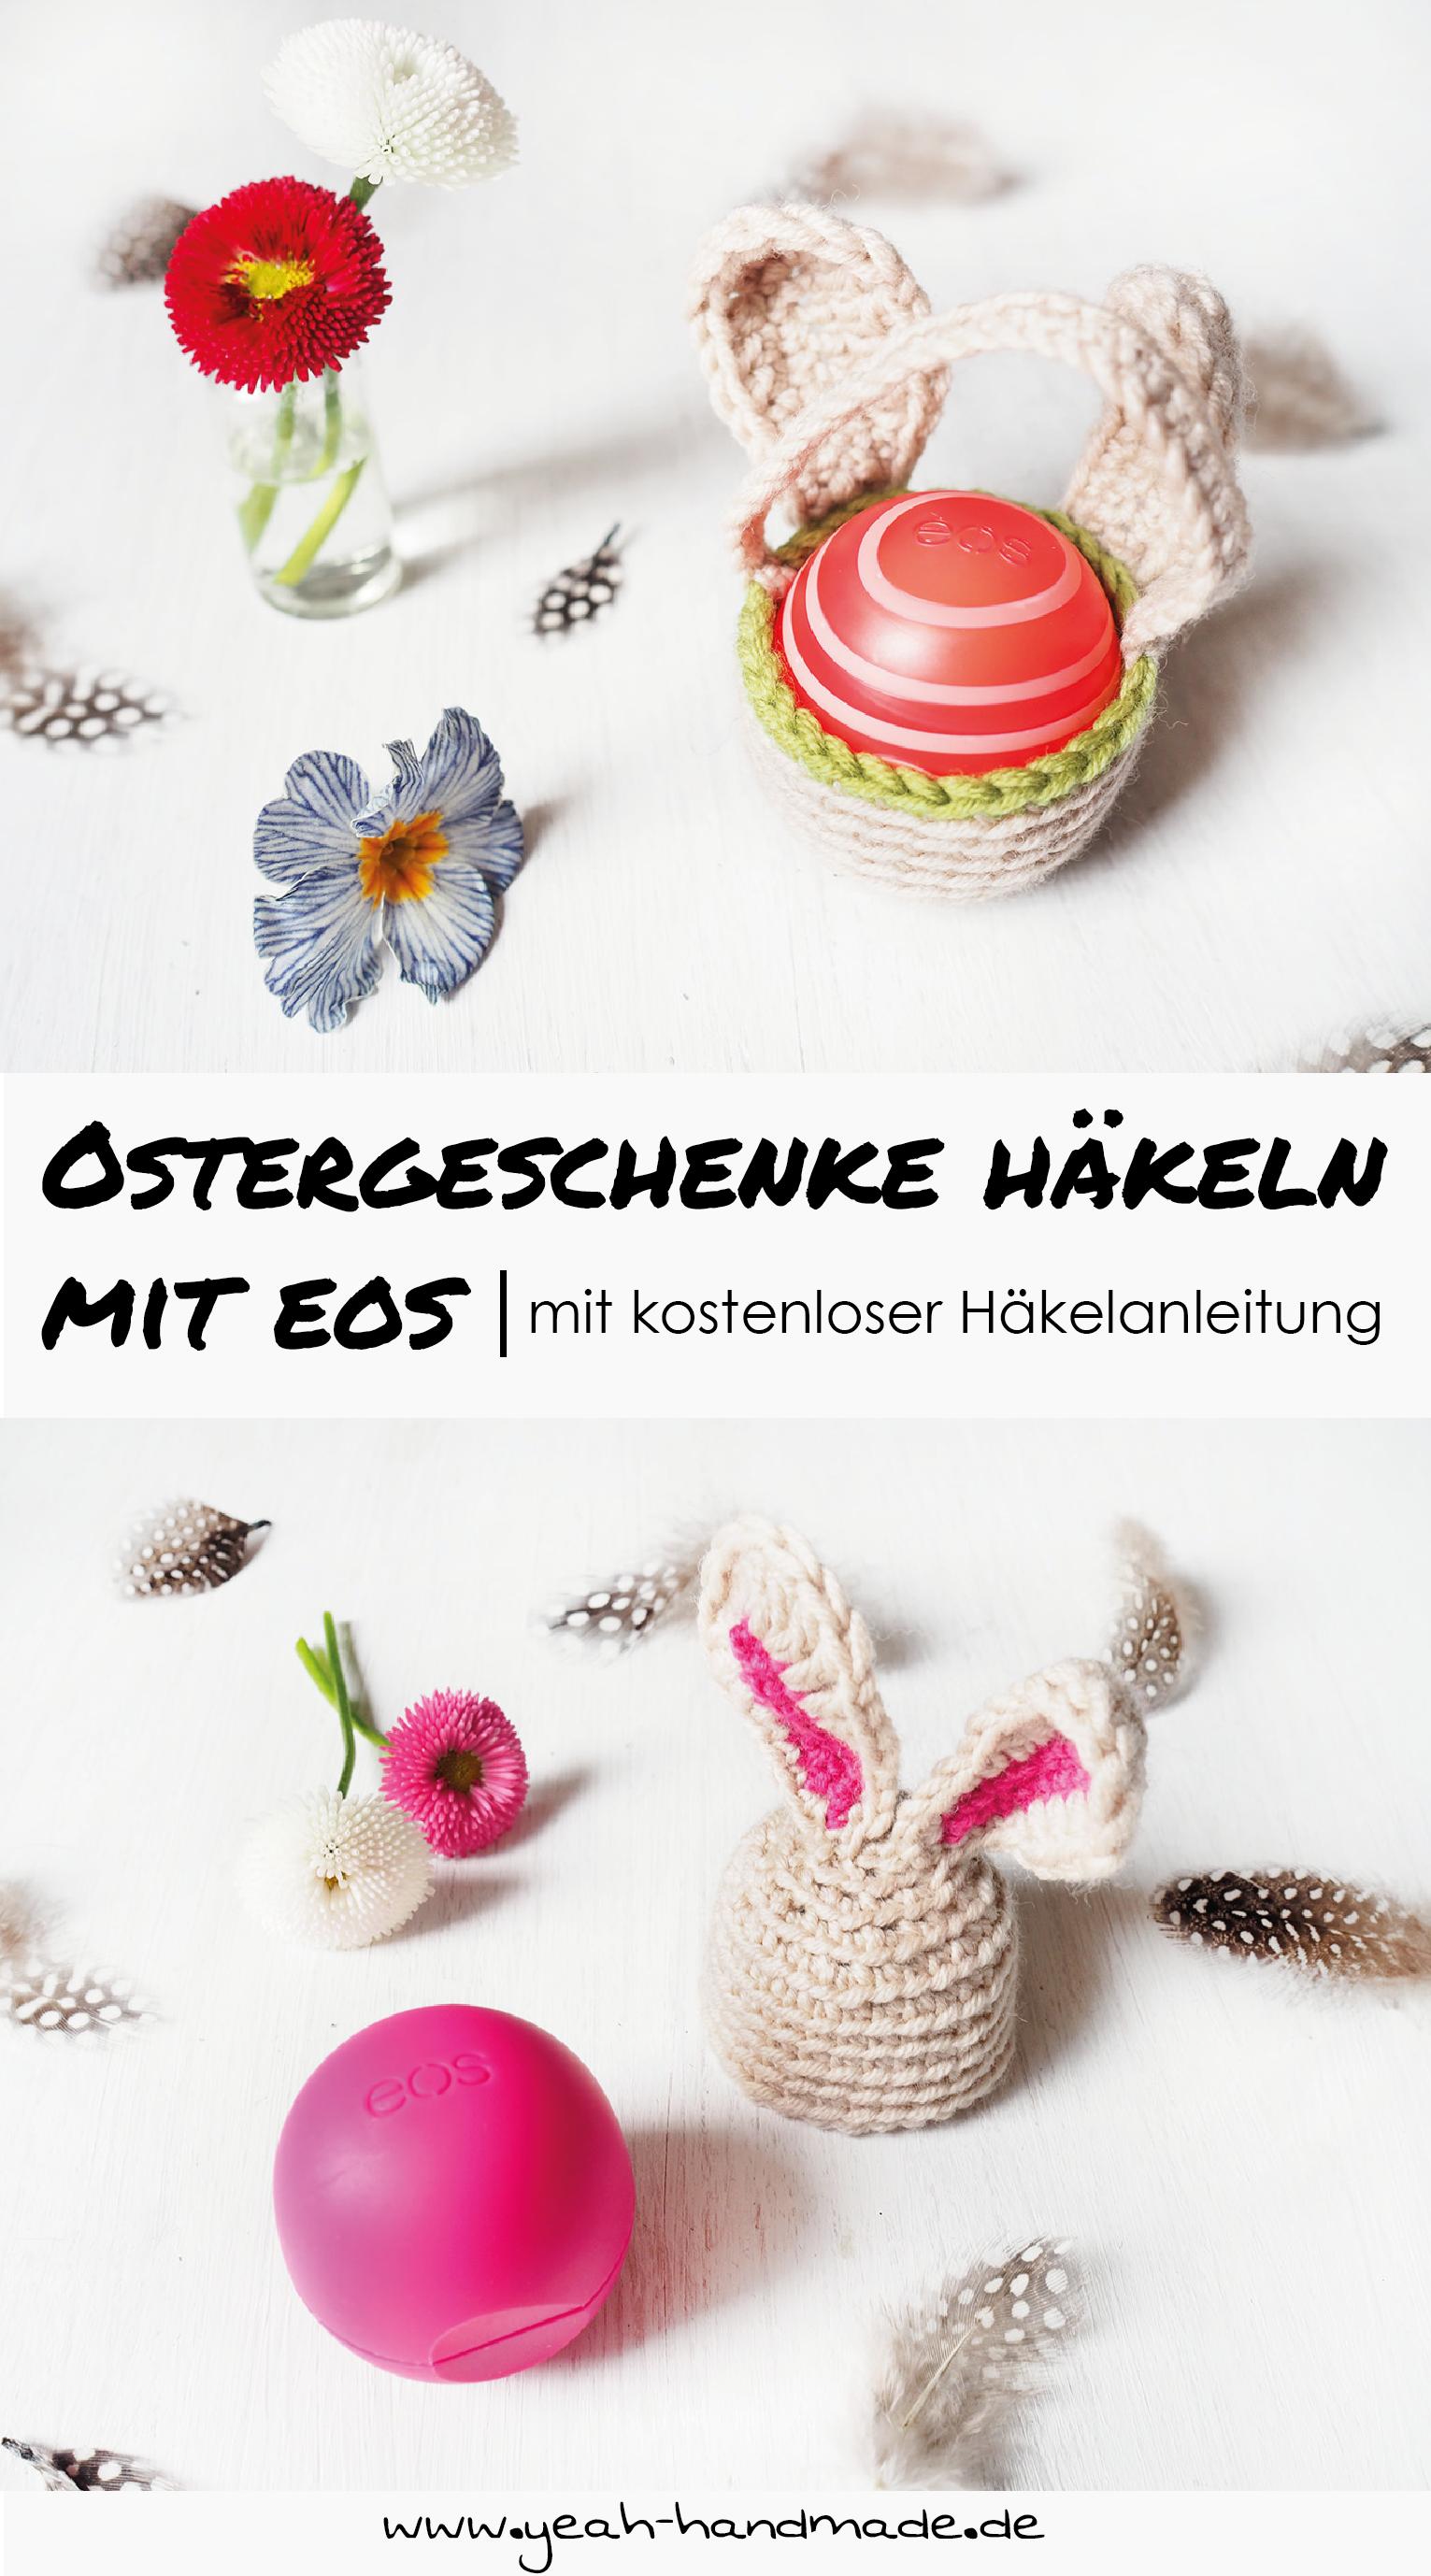 Anzeige Diy Ostergeschenke Häkeln Mit Eos Yeah Handmade Diy